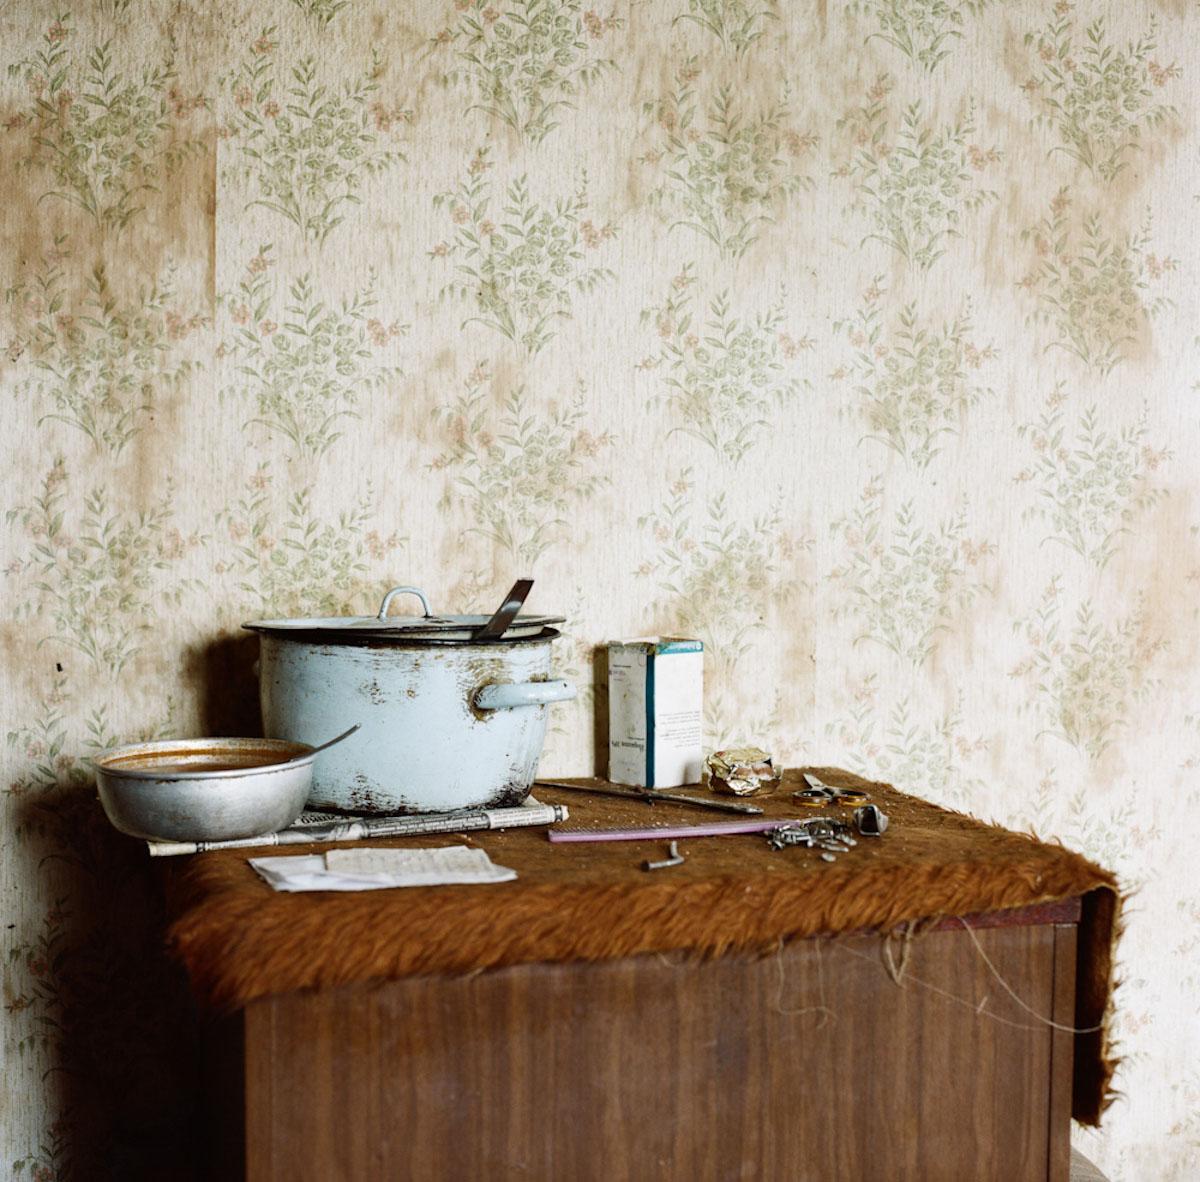 Eugenia Maximova -Kitchen stories - The Eye of Photography Magazine